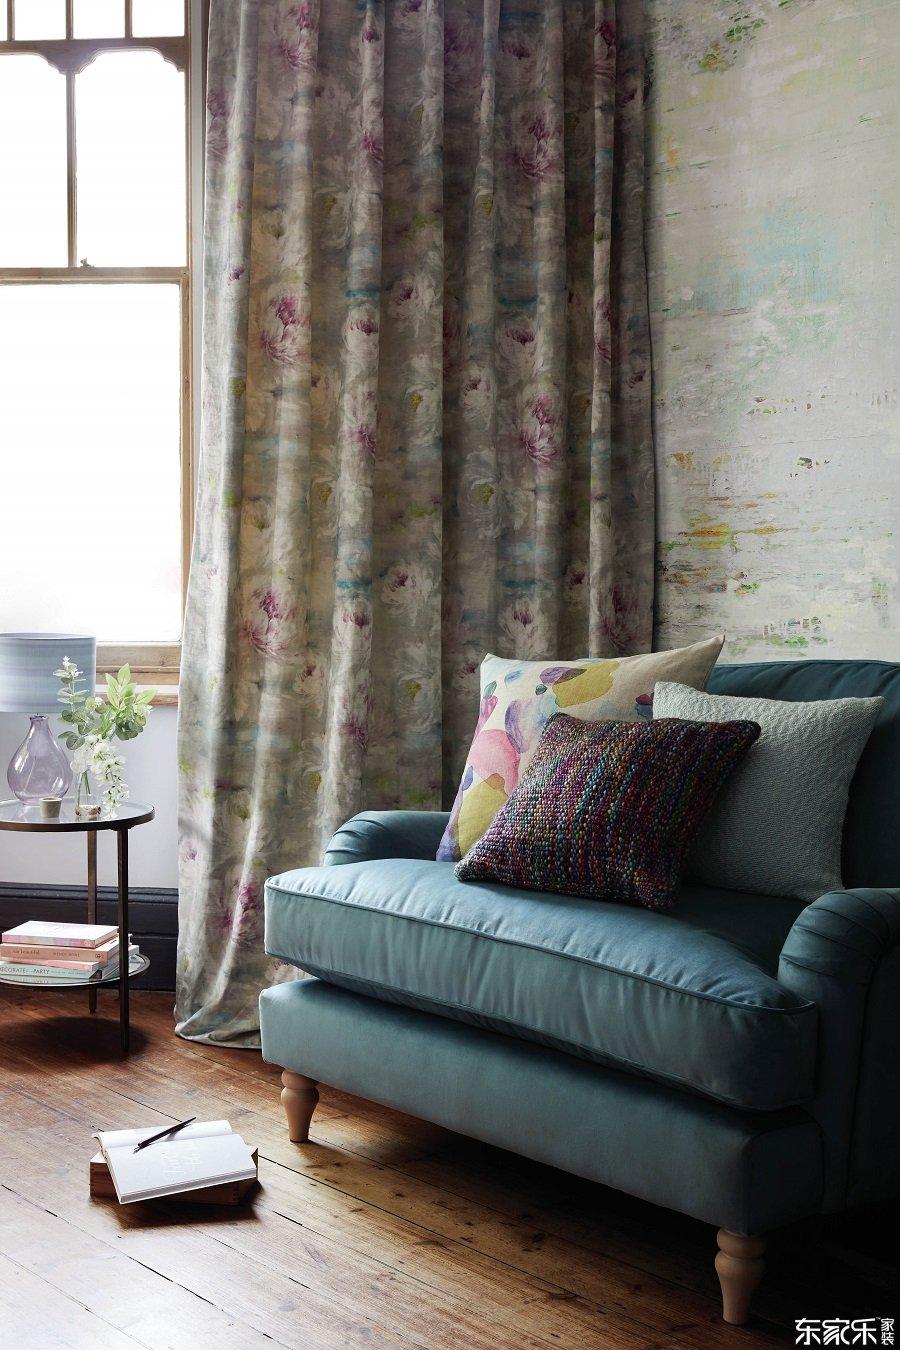 常见的室内设计错误和如何避免它们 - 窗帘应始终挂在地板上